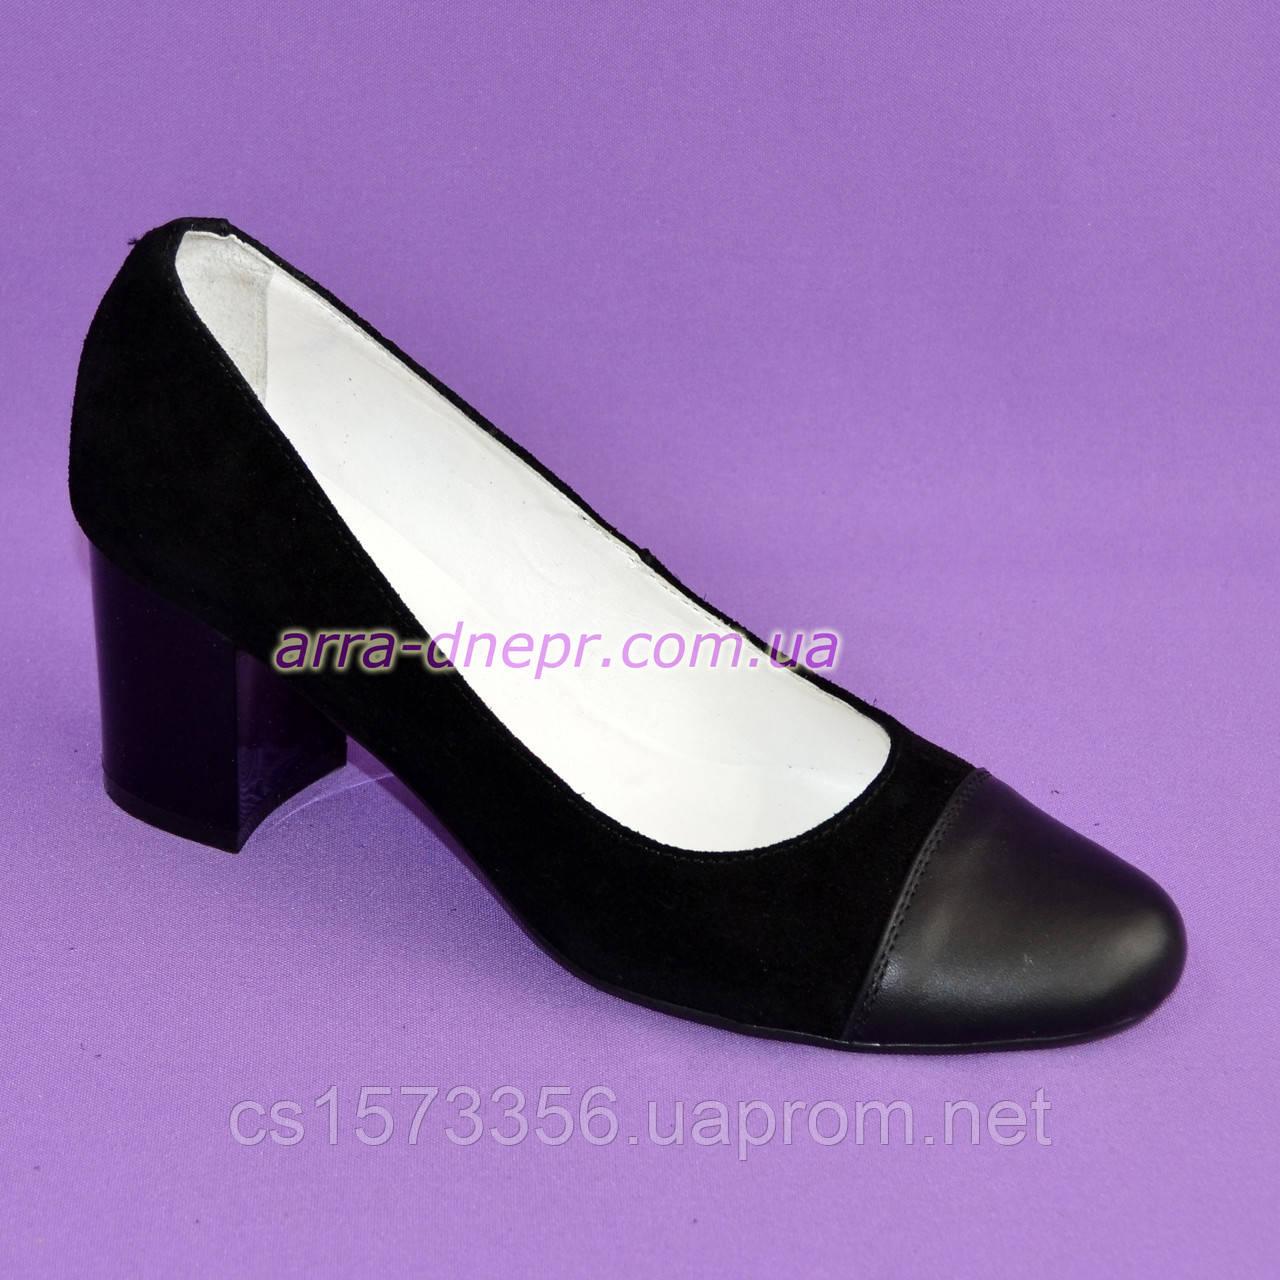 Женские черные туфли из натуральной замши и кожи, на невысоком устойчивом каблуке